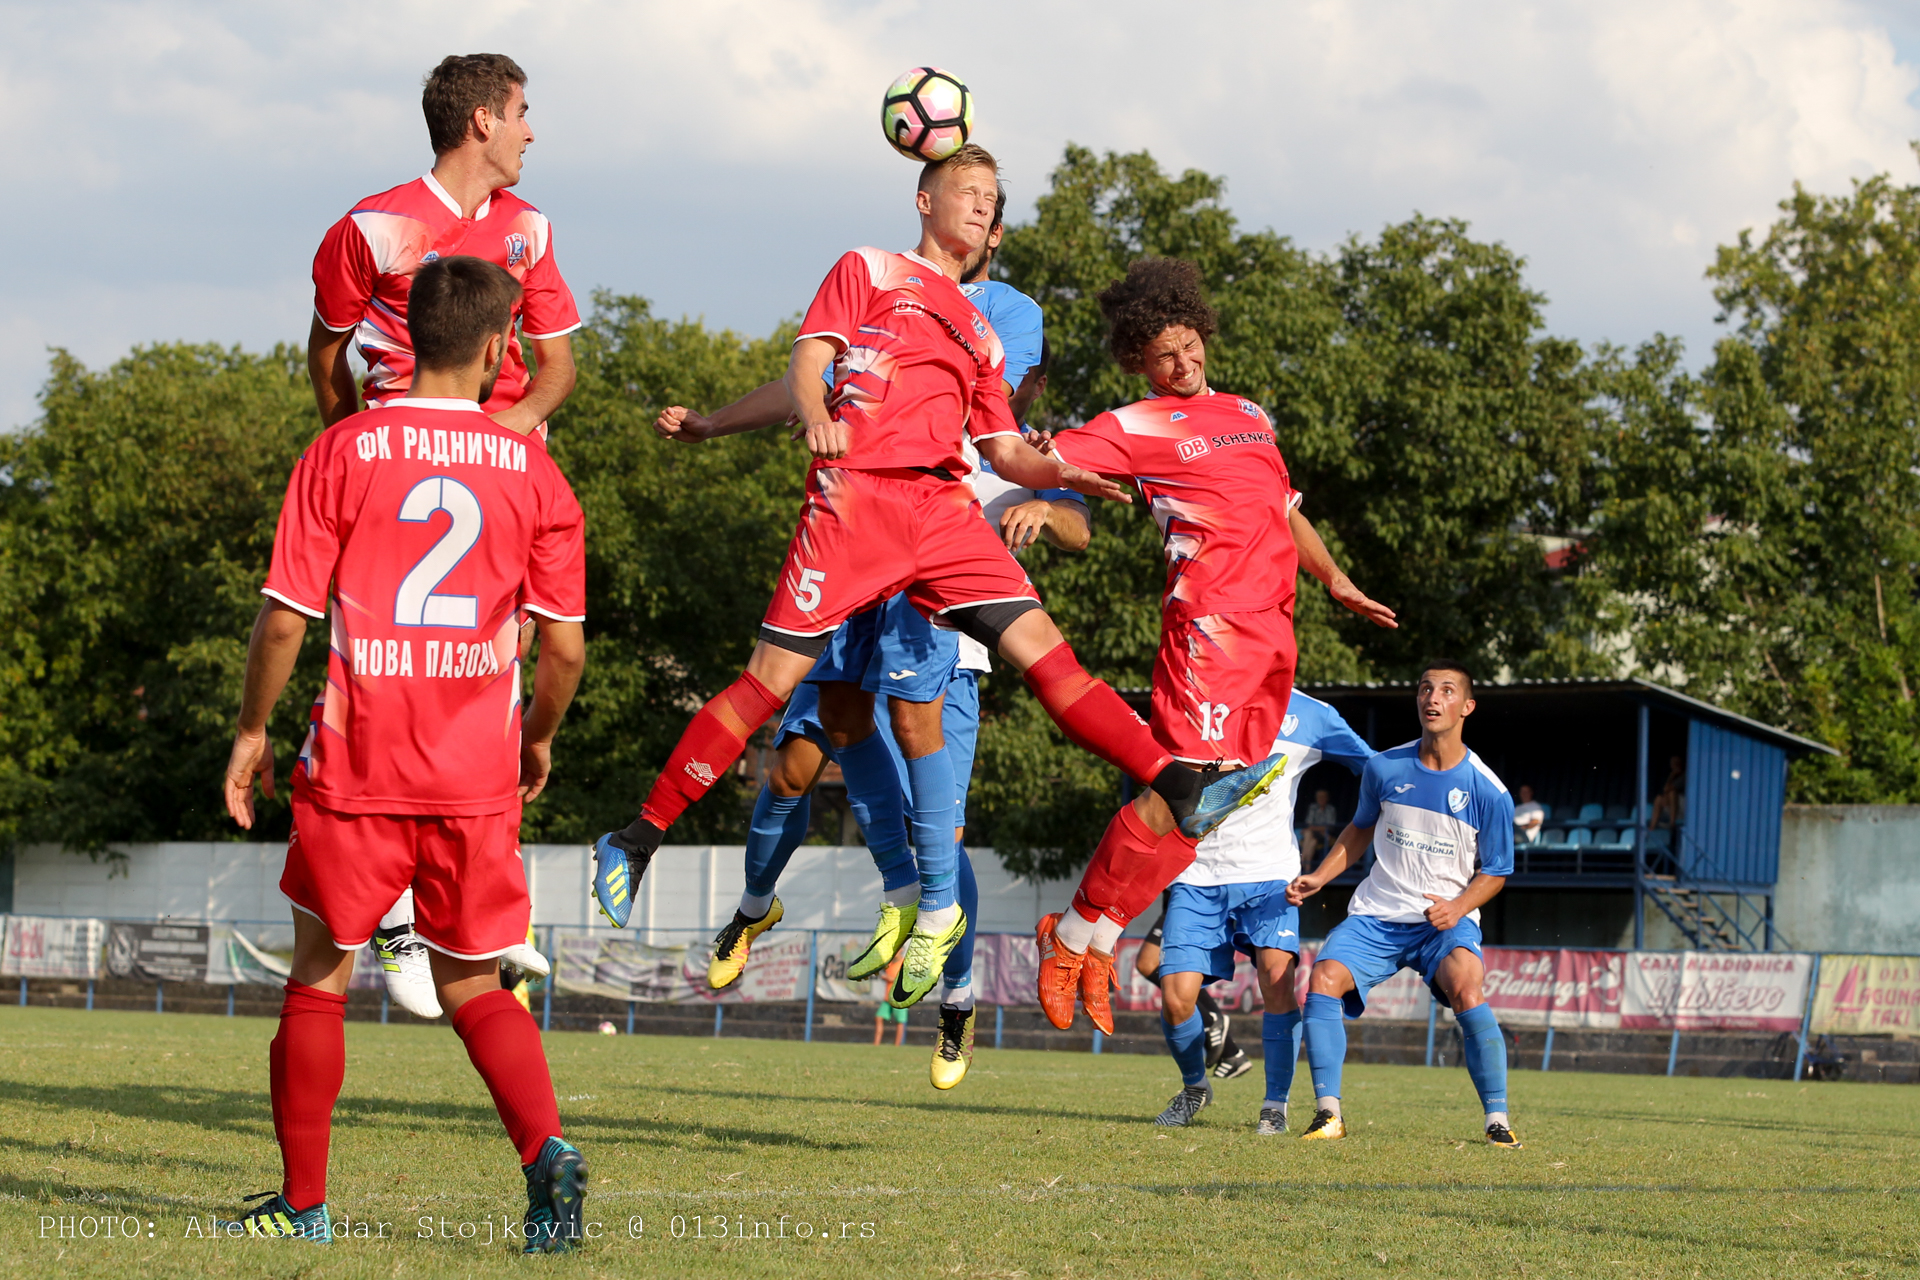 Fudbal Dinamo Pančevo Radnički Nova Pazova